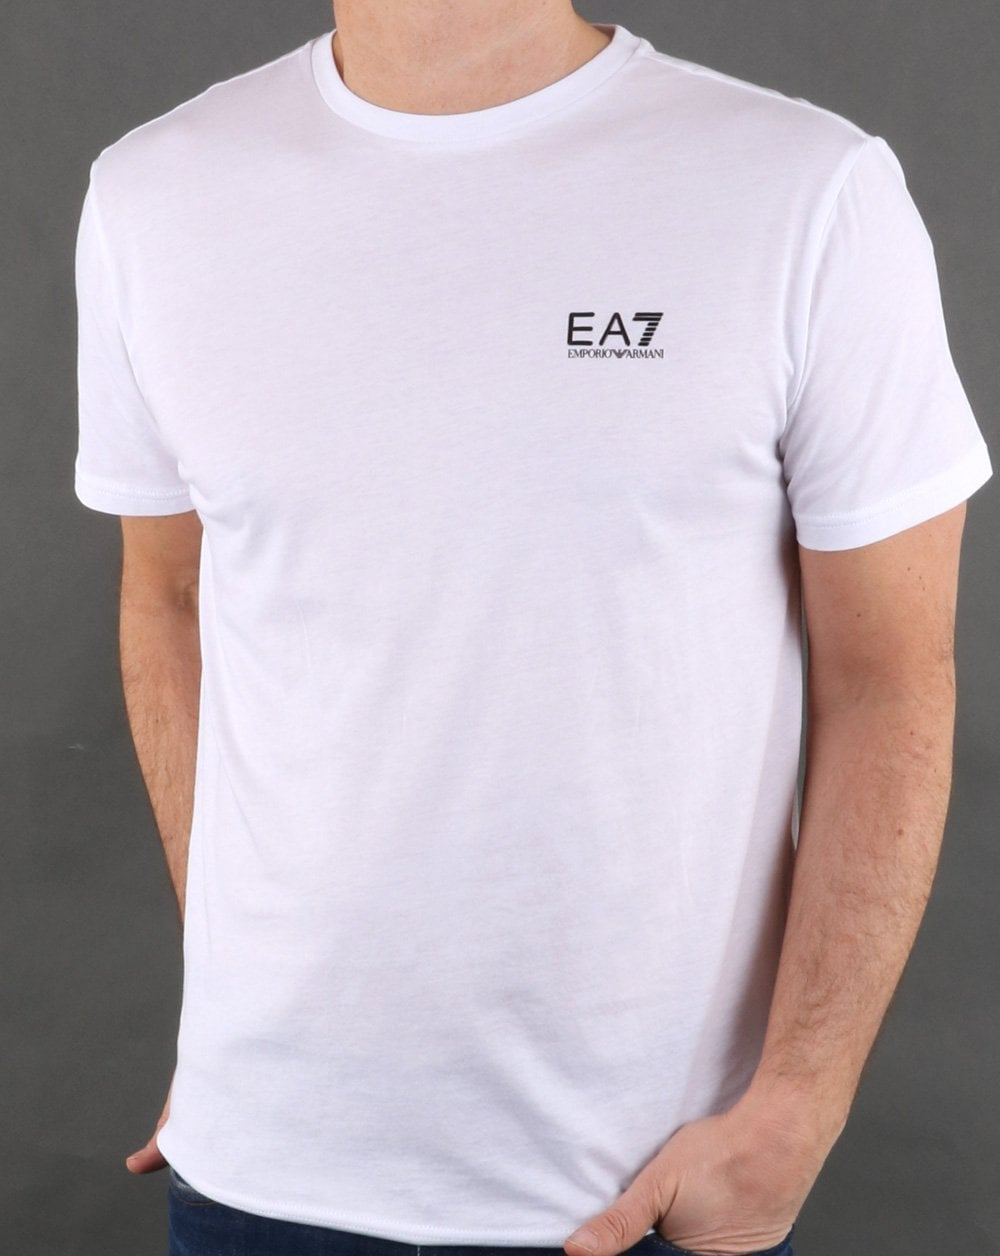 ad214c9b Emporio Armani EA7 Emporio Armani EA7 Core T'Shirt White